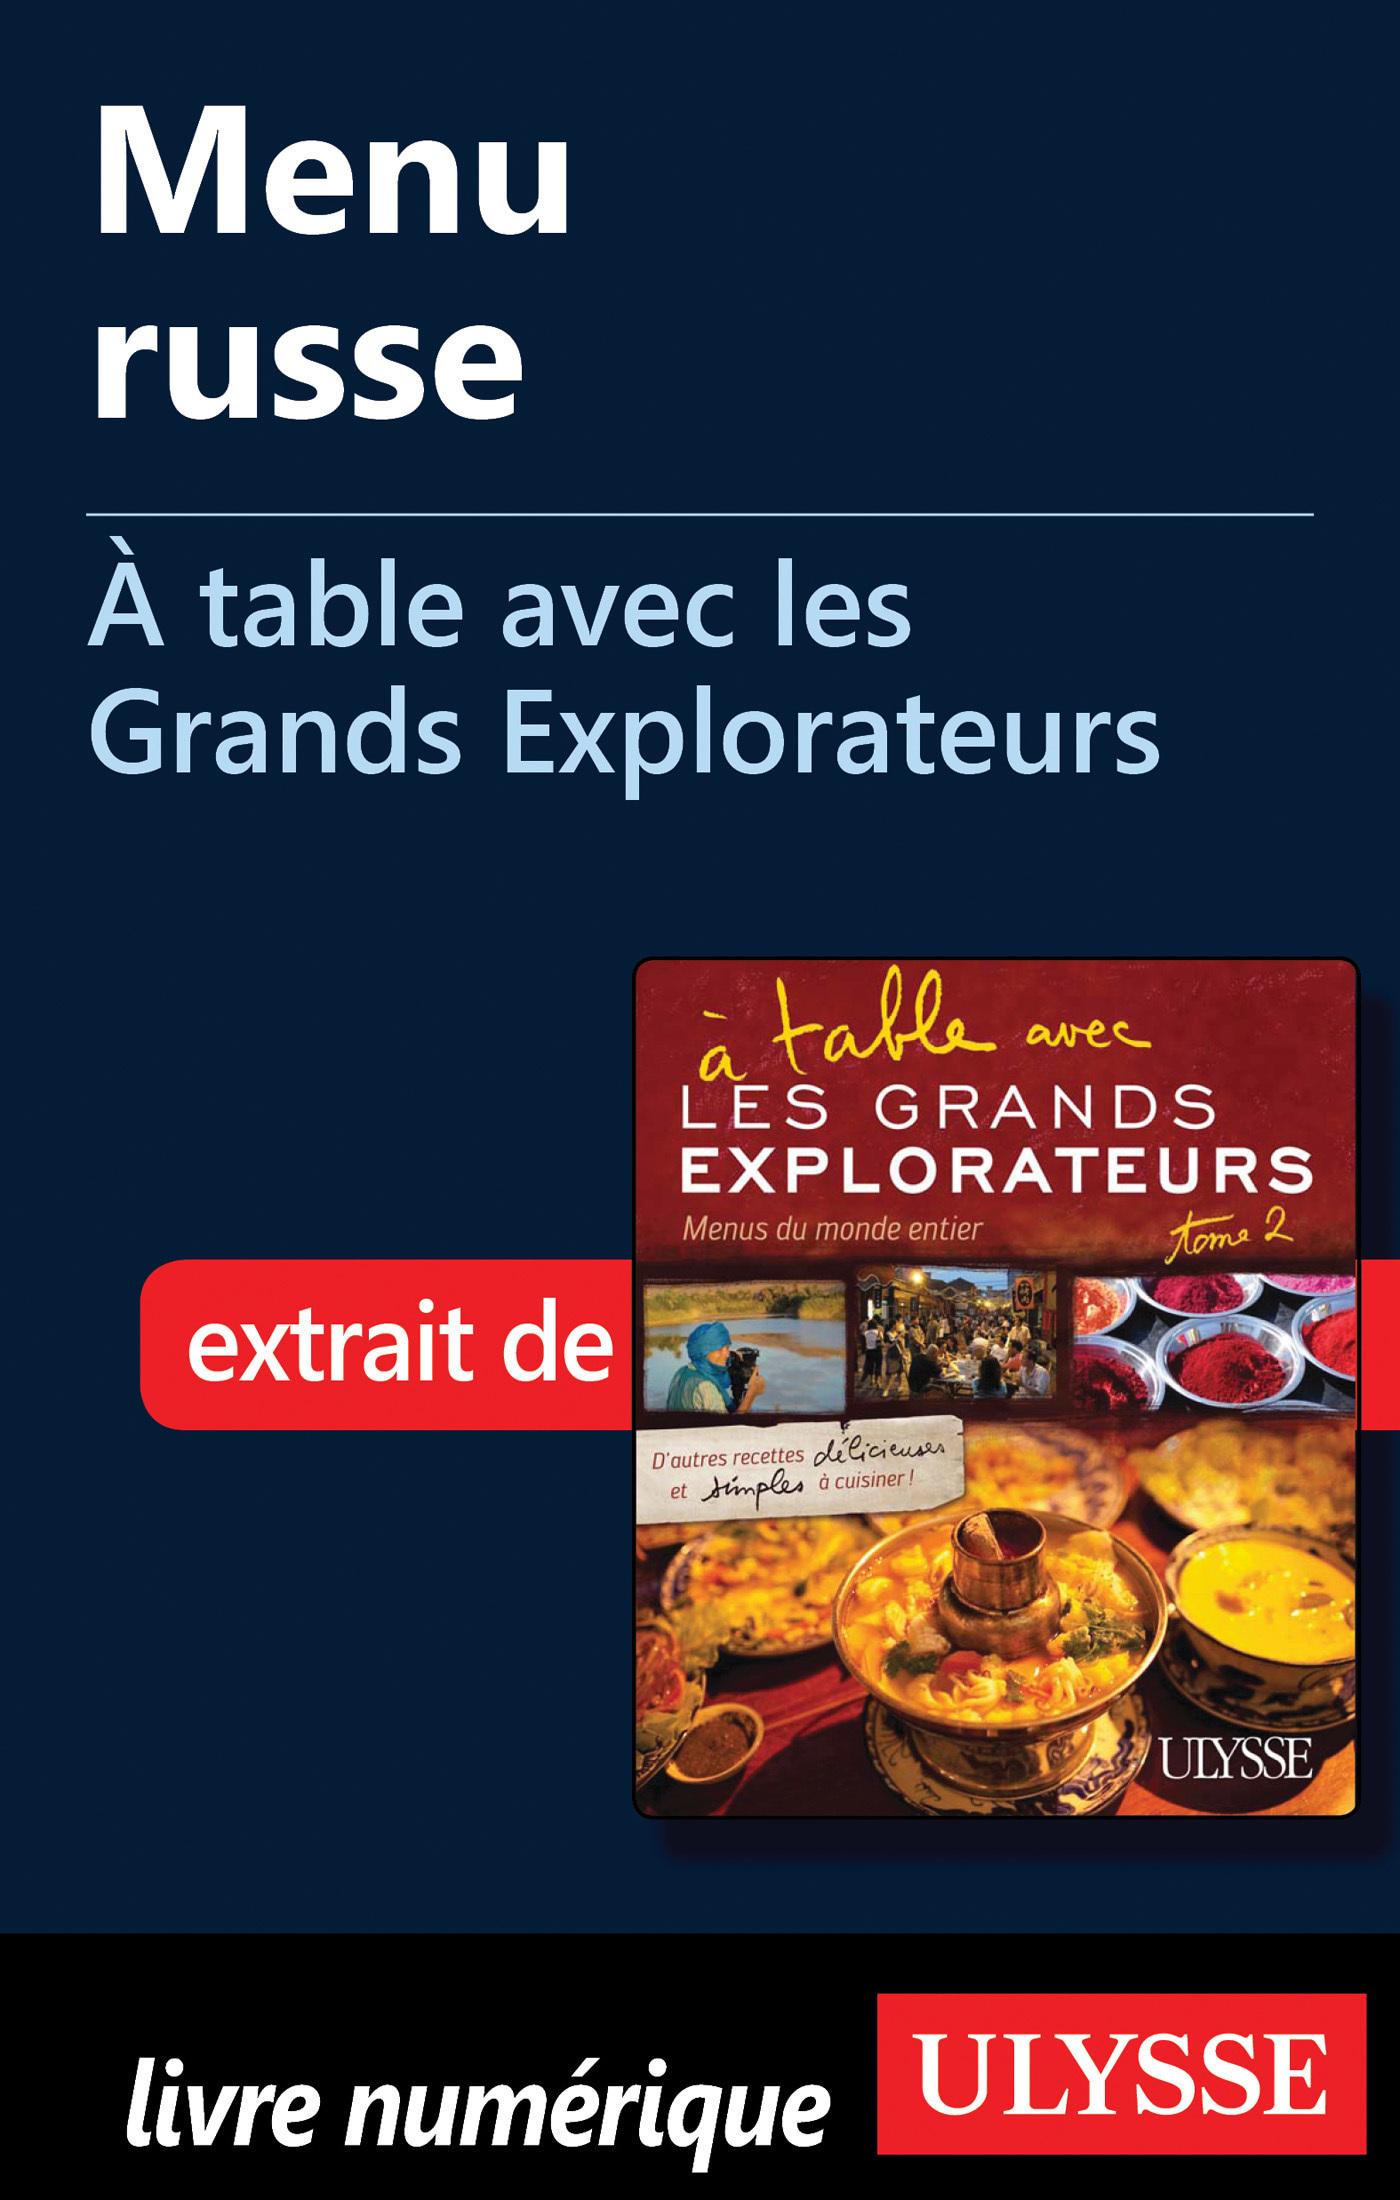 Menu russe - A table avec les Grands Explorateurs